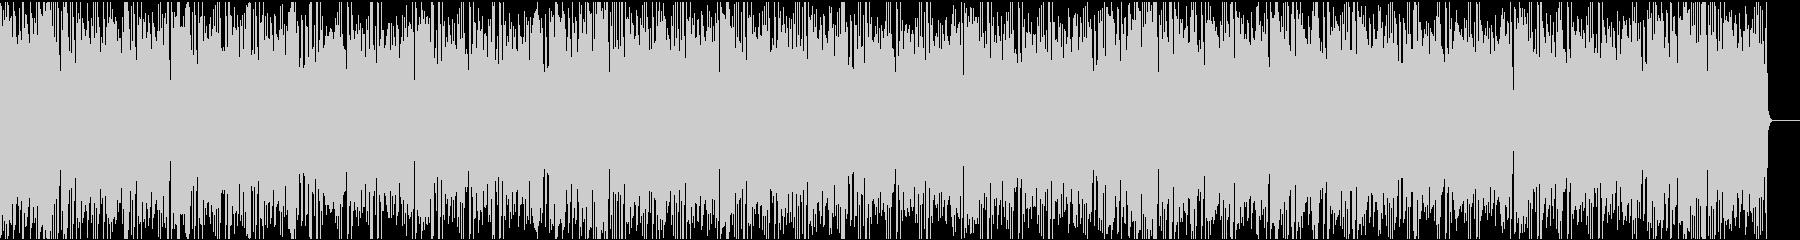 かわいいコミカル/イントロ8秒の未再生の波形